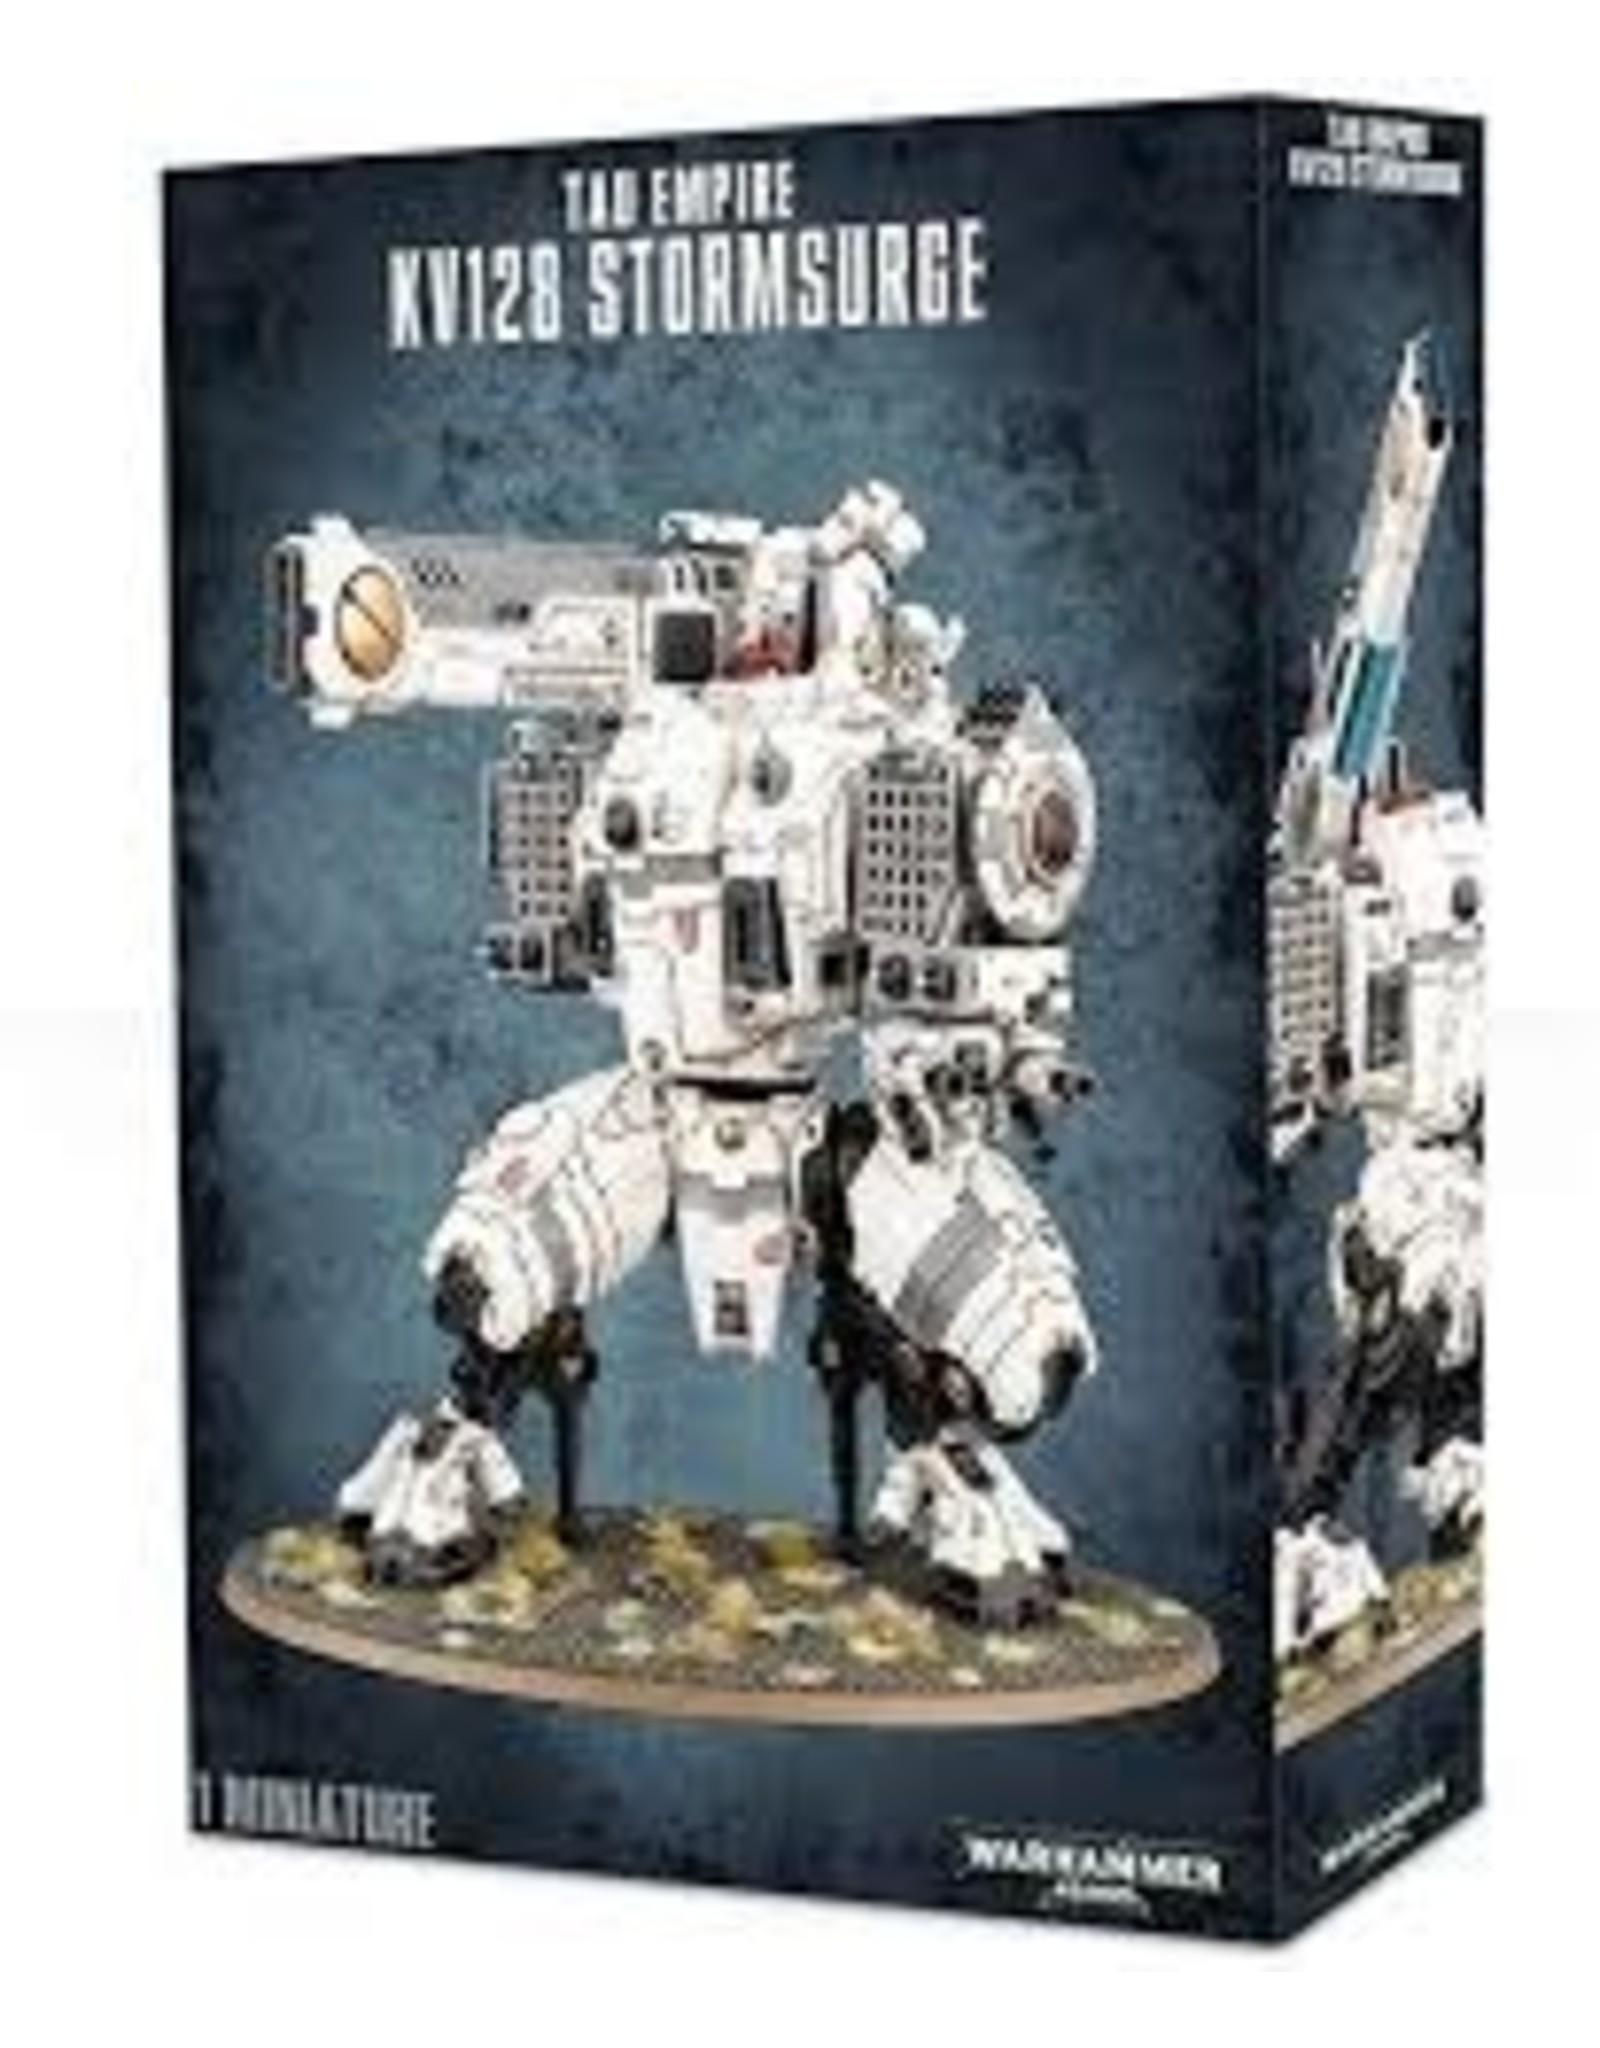 Warhammer 40K Craftworlds KV128 Stormsurge